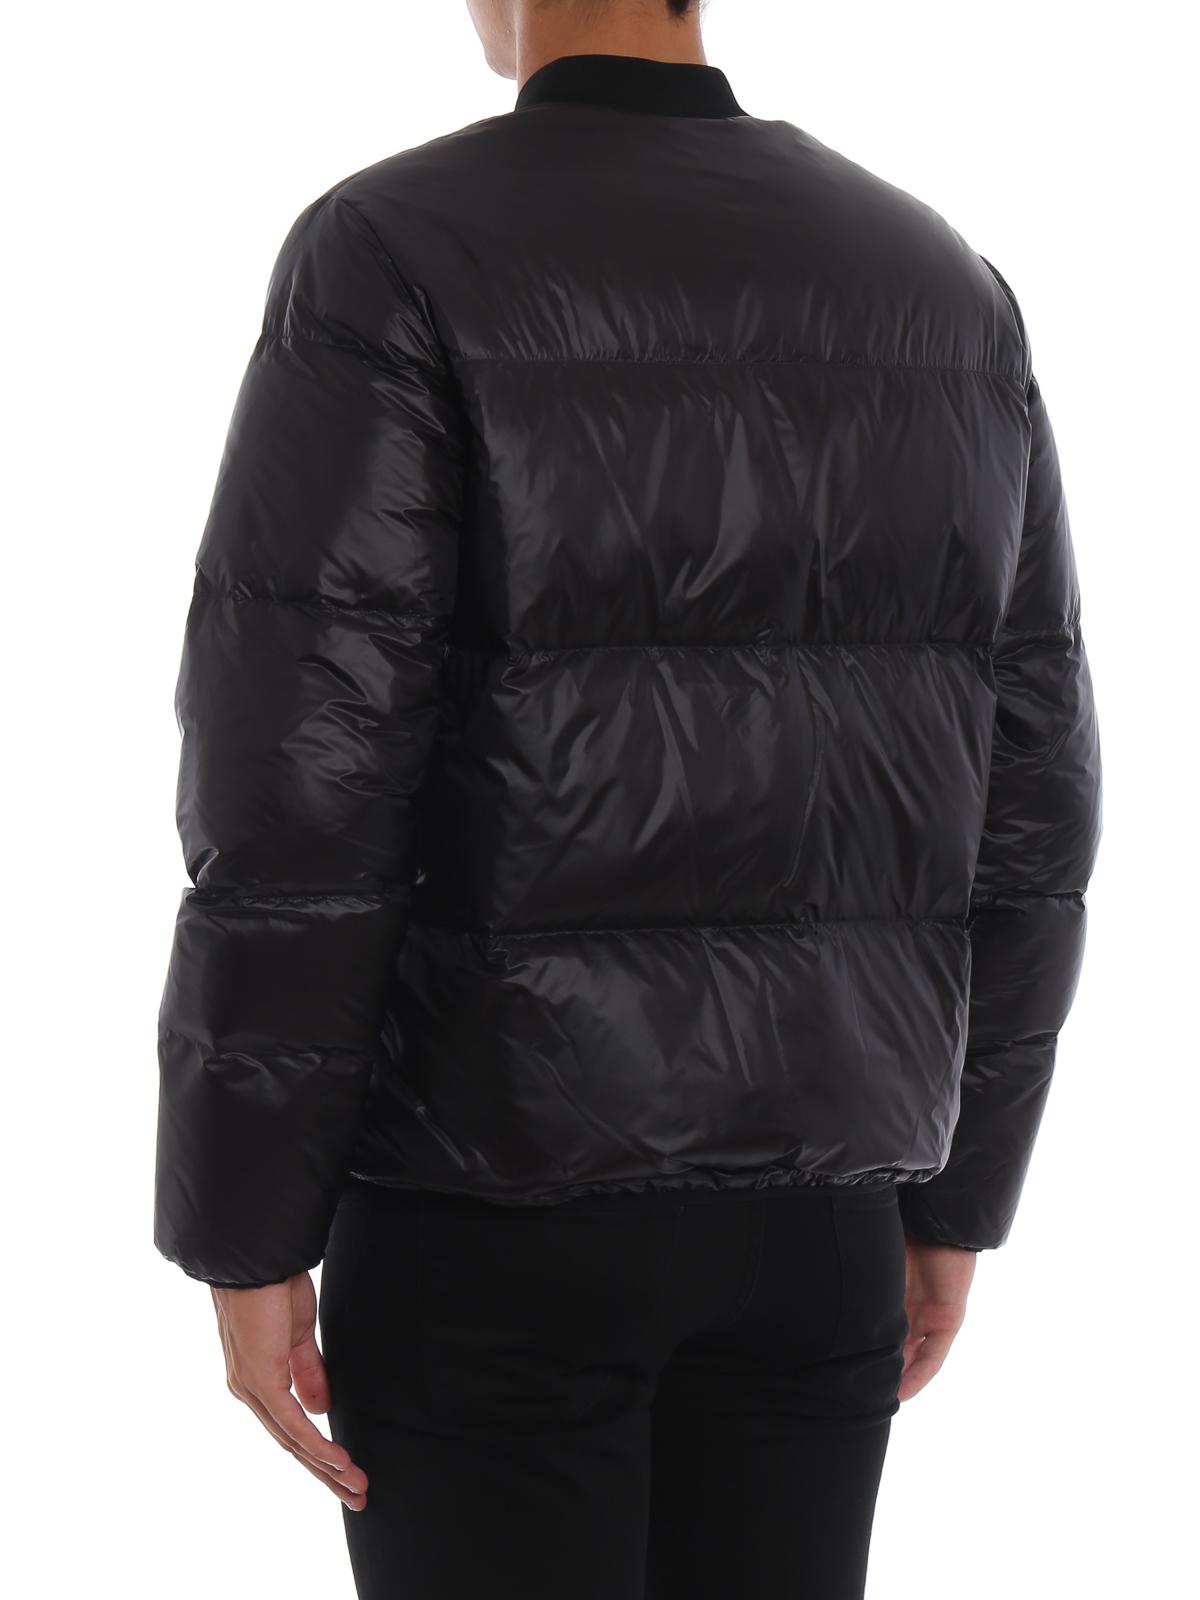 Dsquared2 - Piumino stile bomber in nylon nero con logo - giacche ... 4c5acfa32968